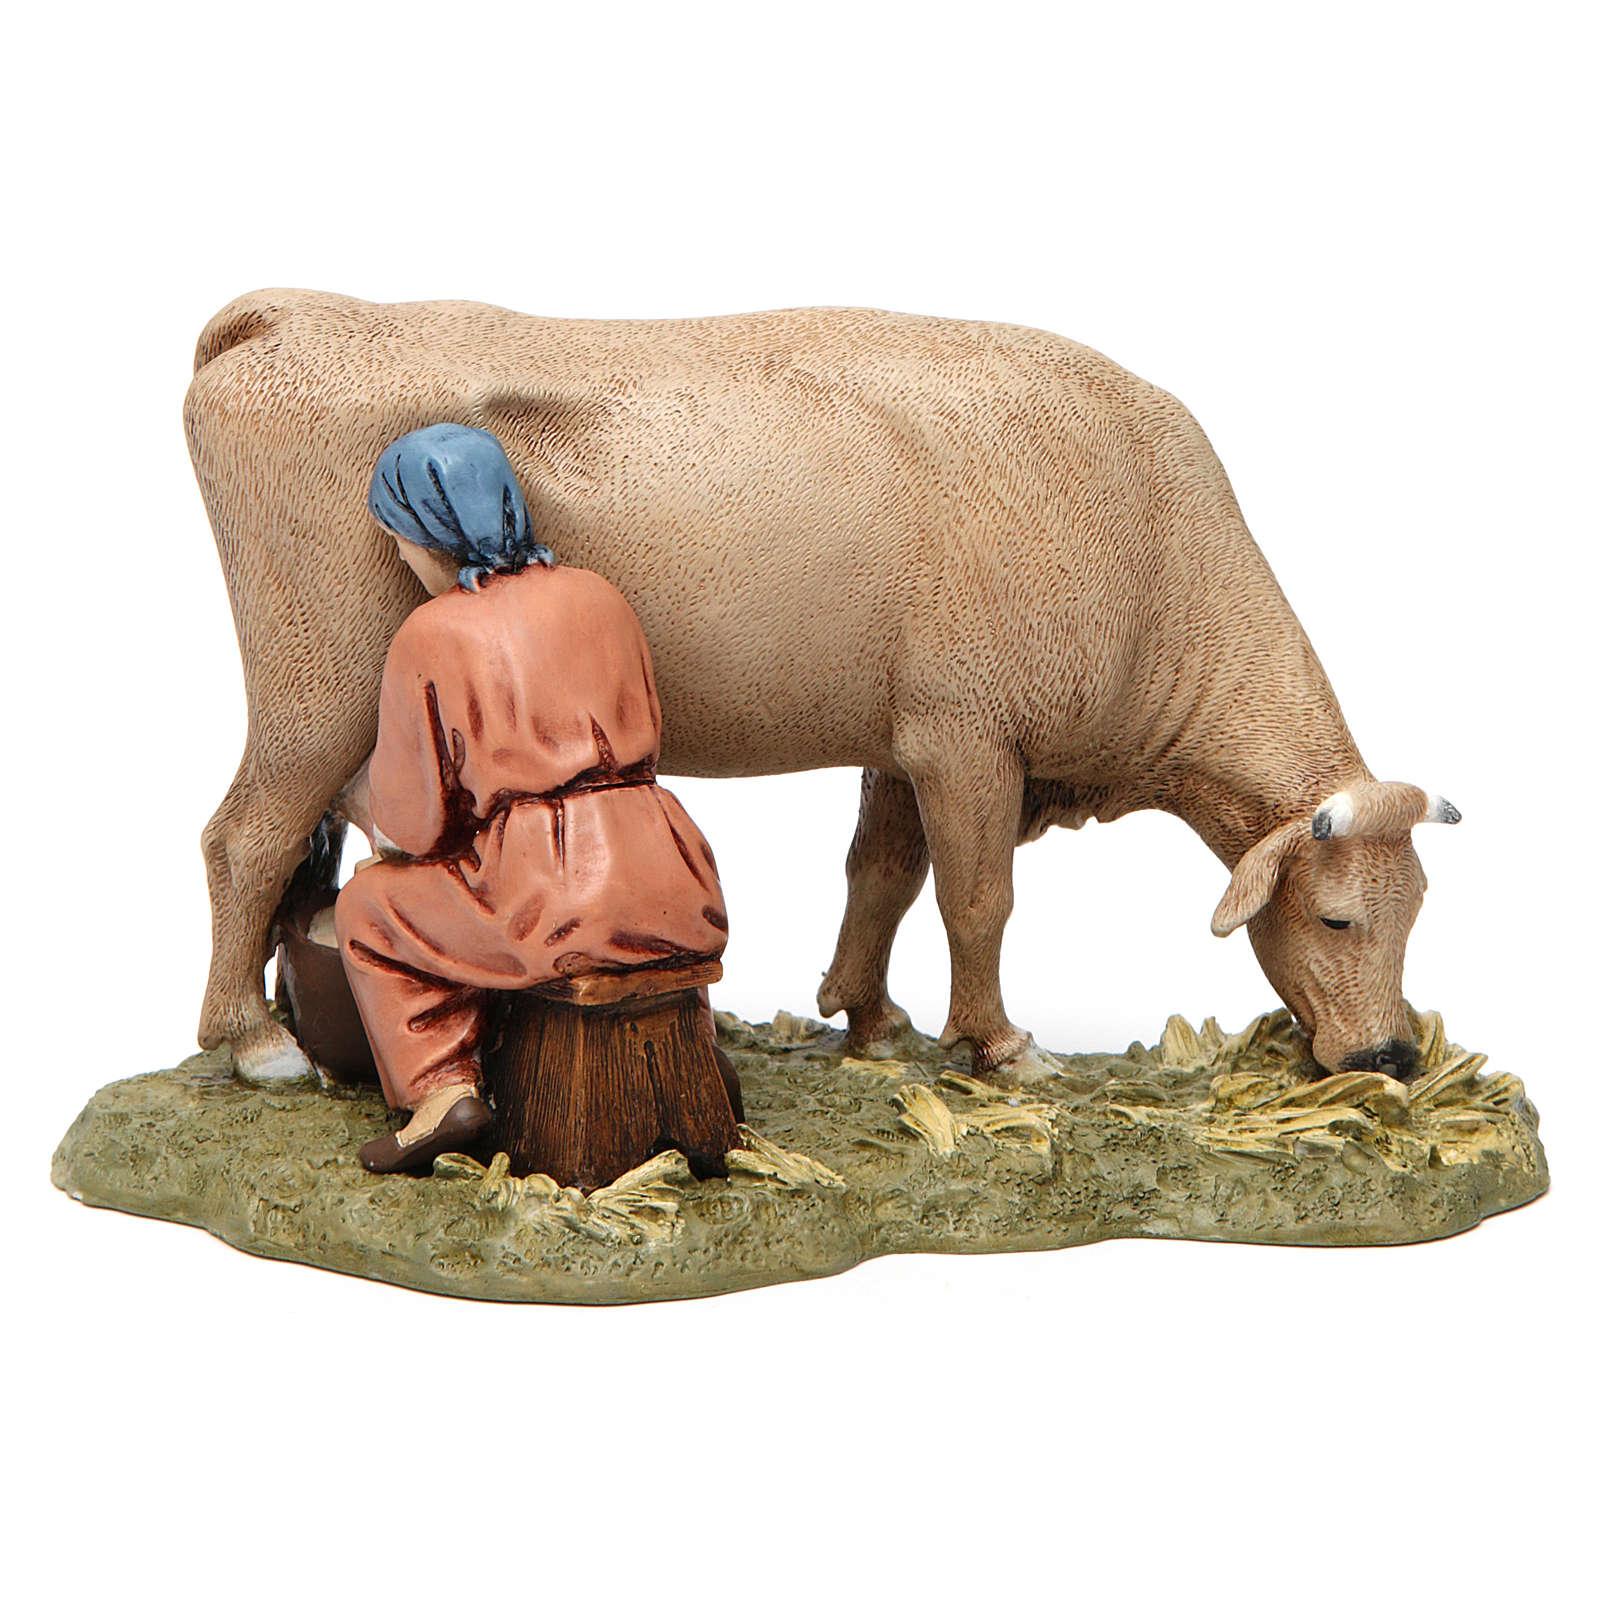 Fermière avec vache en résine 13 cm Moranduzzo 4